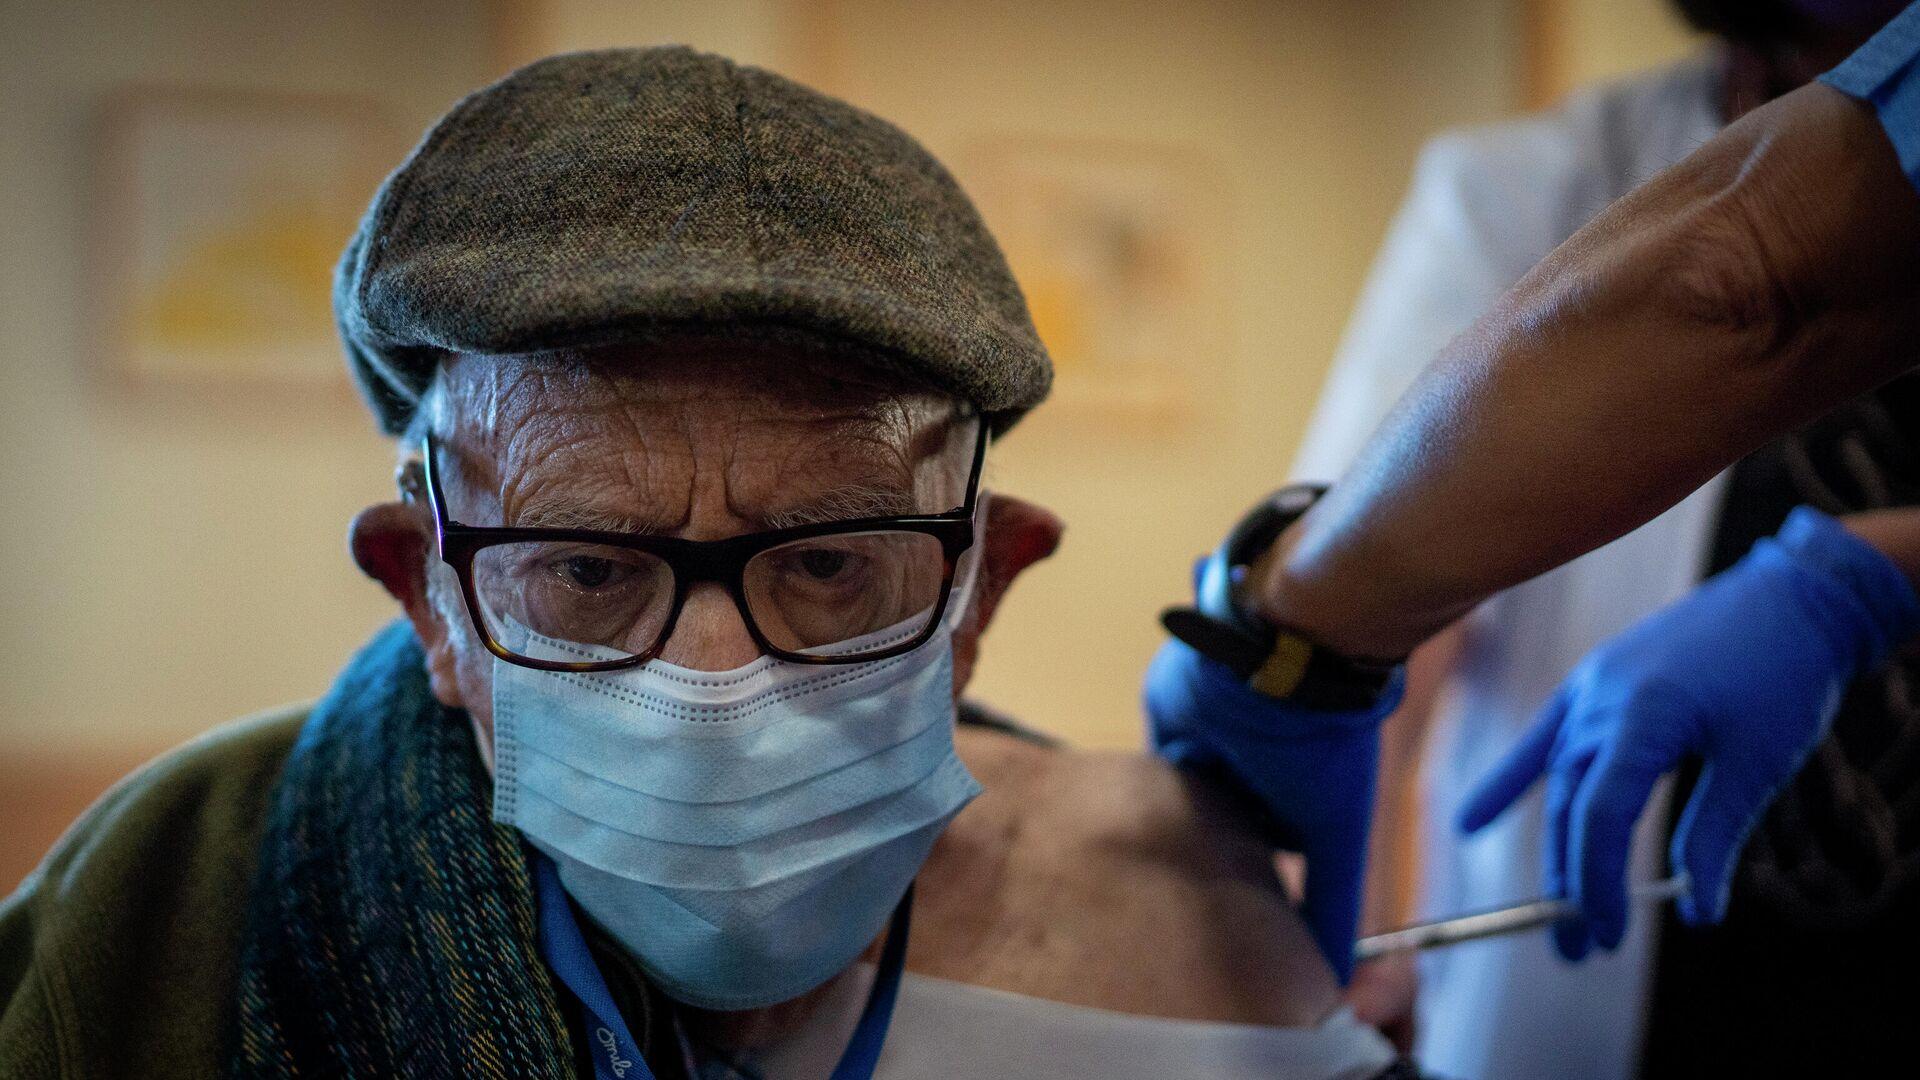 Una enfermera administra la vacuna contra el coronavirus a un anciano de una residencia en Barcelona. 2 de febrero de 2021 - Sputnik Mundo, 1920, 09.03.2021